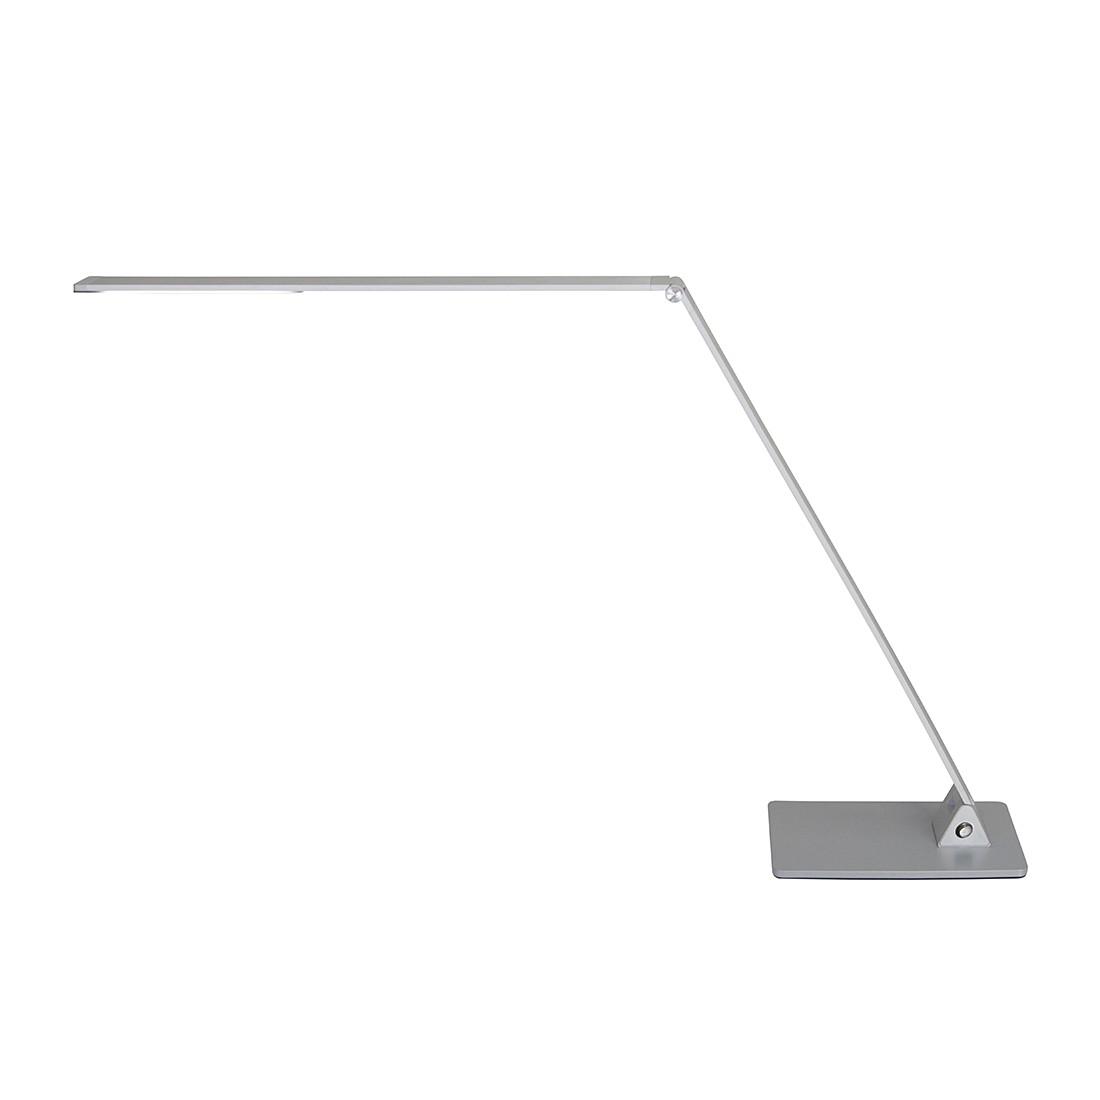 LED-Tischleuchte Serenade 1-flammig ● Nickel matt- Steinhauer A+